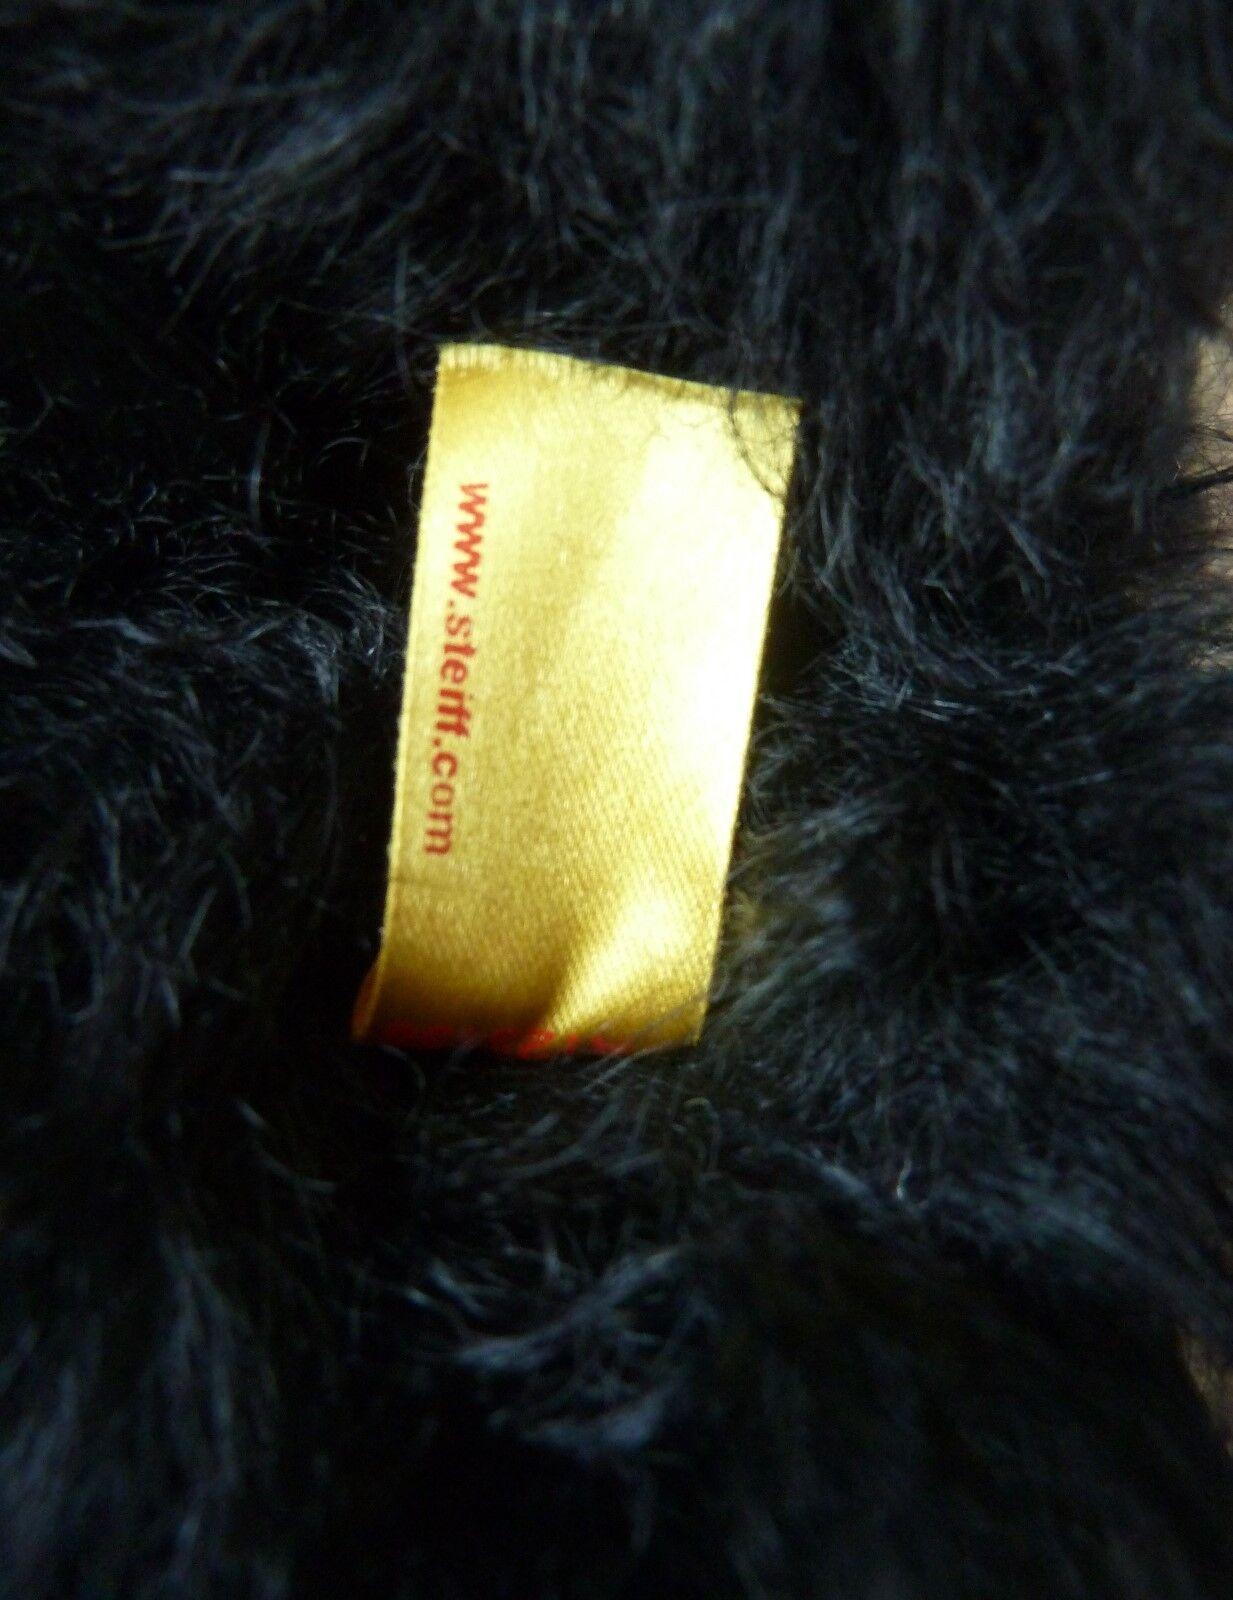 Steiff Teddybär schwarz 52 cm Teddy Bär signiert Trauerbär Brummstimme Brummstimme Brummstimme geglieder 1b1594